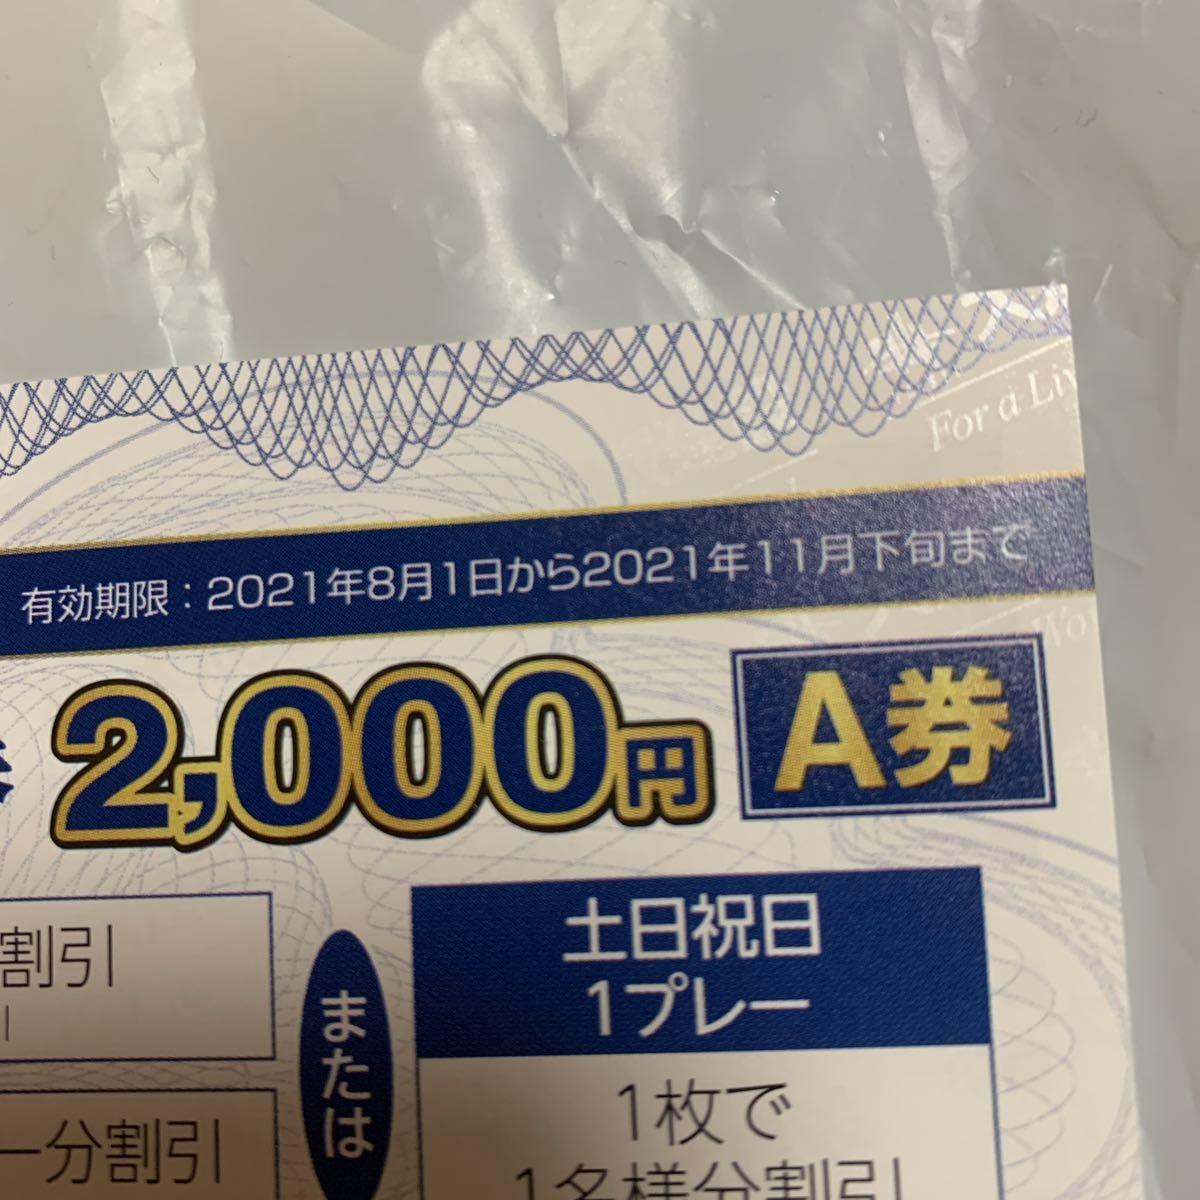 大成建設株主優待券■ゴルフ場ご優待クーポン2000円A券■割引券■_画像3